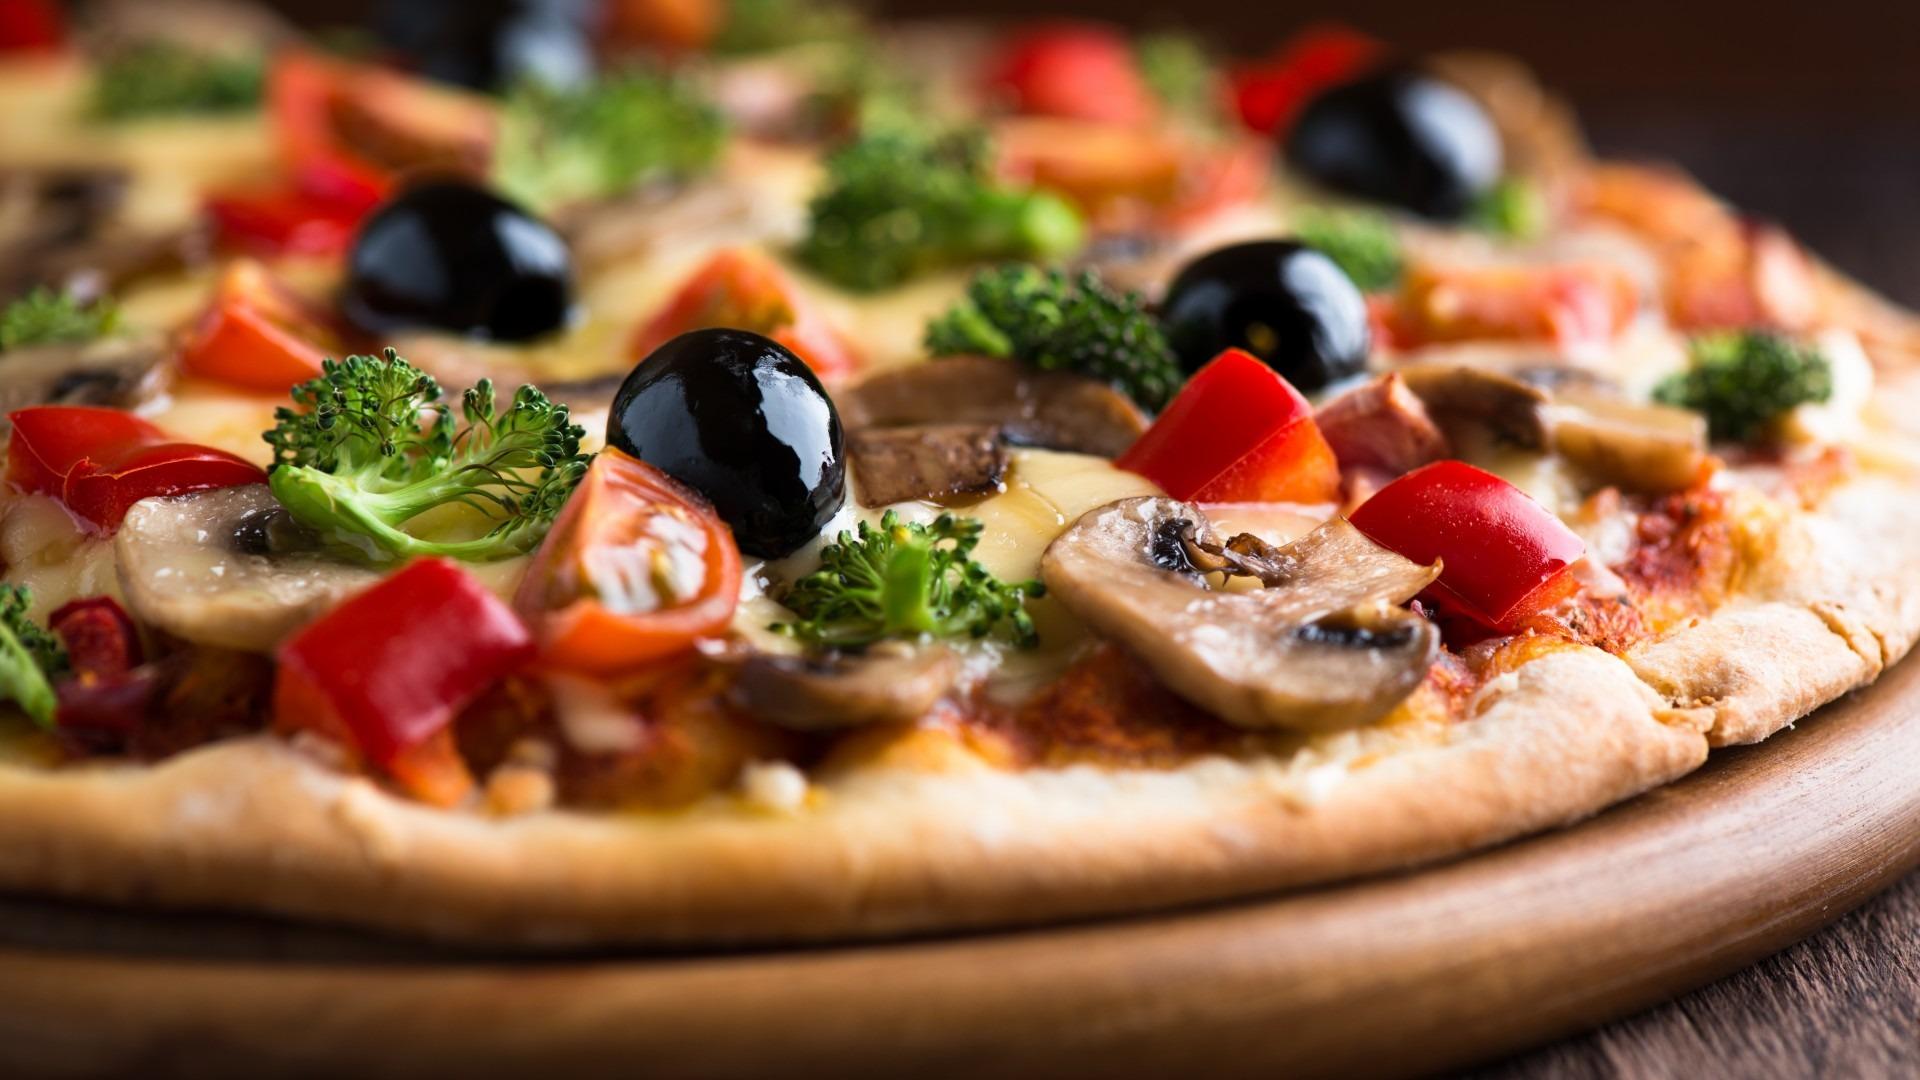 Ricetta Pizza Macchina Del Pane.Fare La Pizza Con La Macchina Del Pane Silvio Cicchi